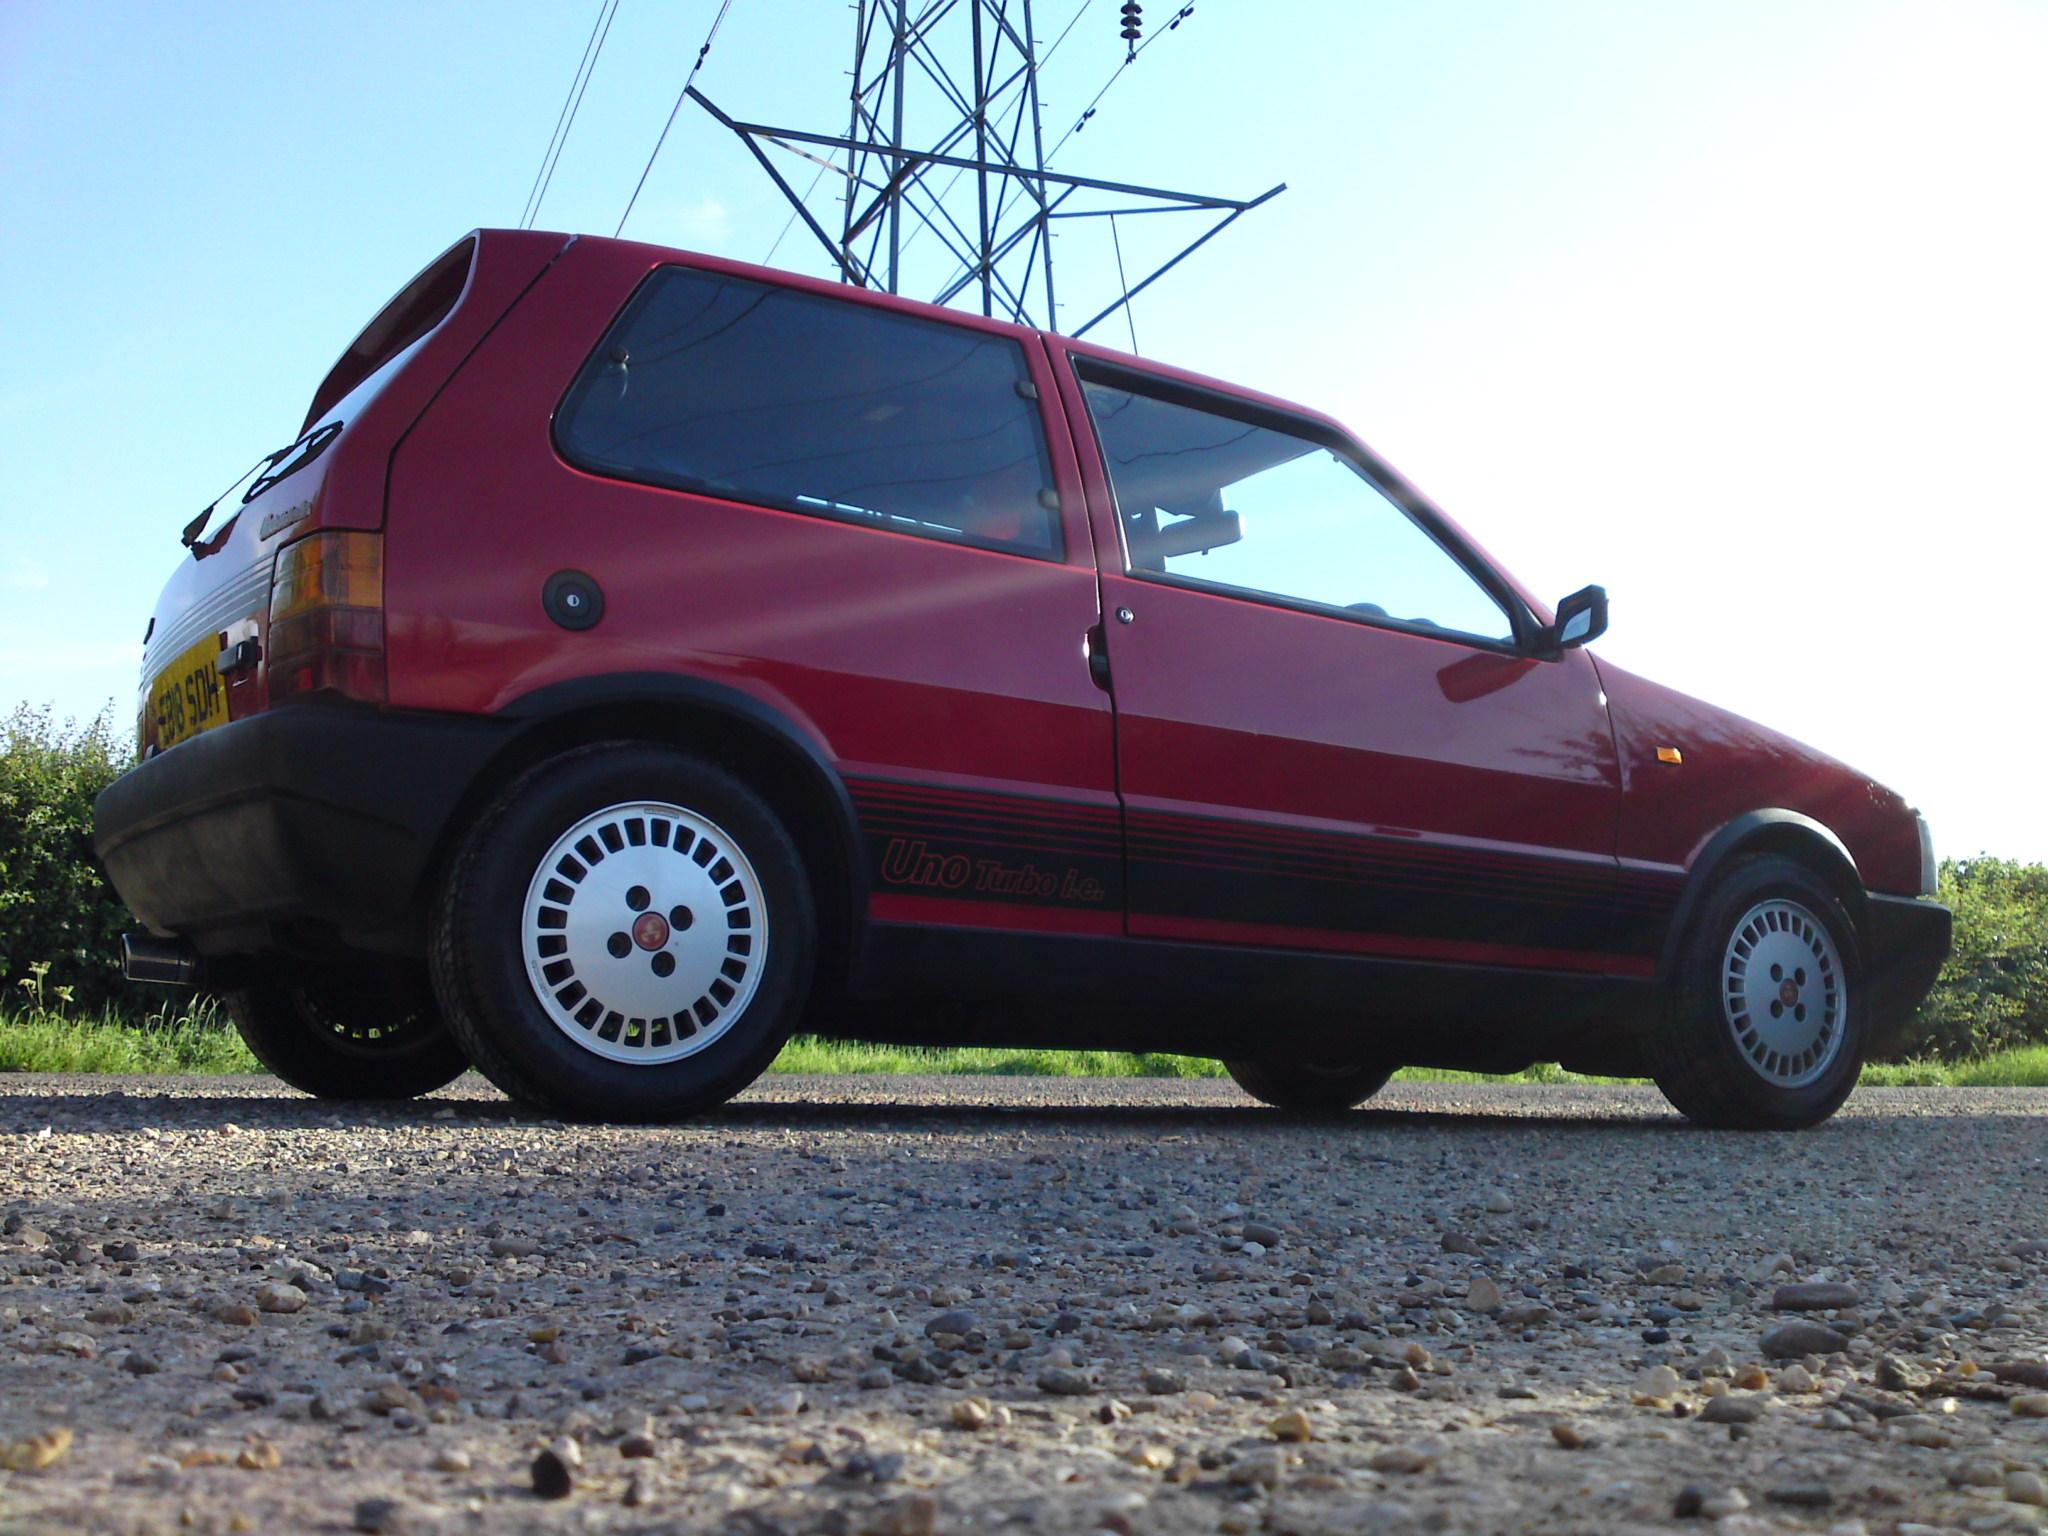 Uno My 87 Mk1 Uno Turbo The Fiat Forum